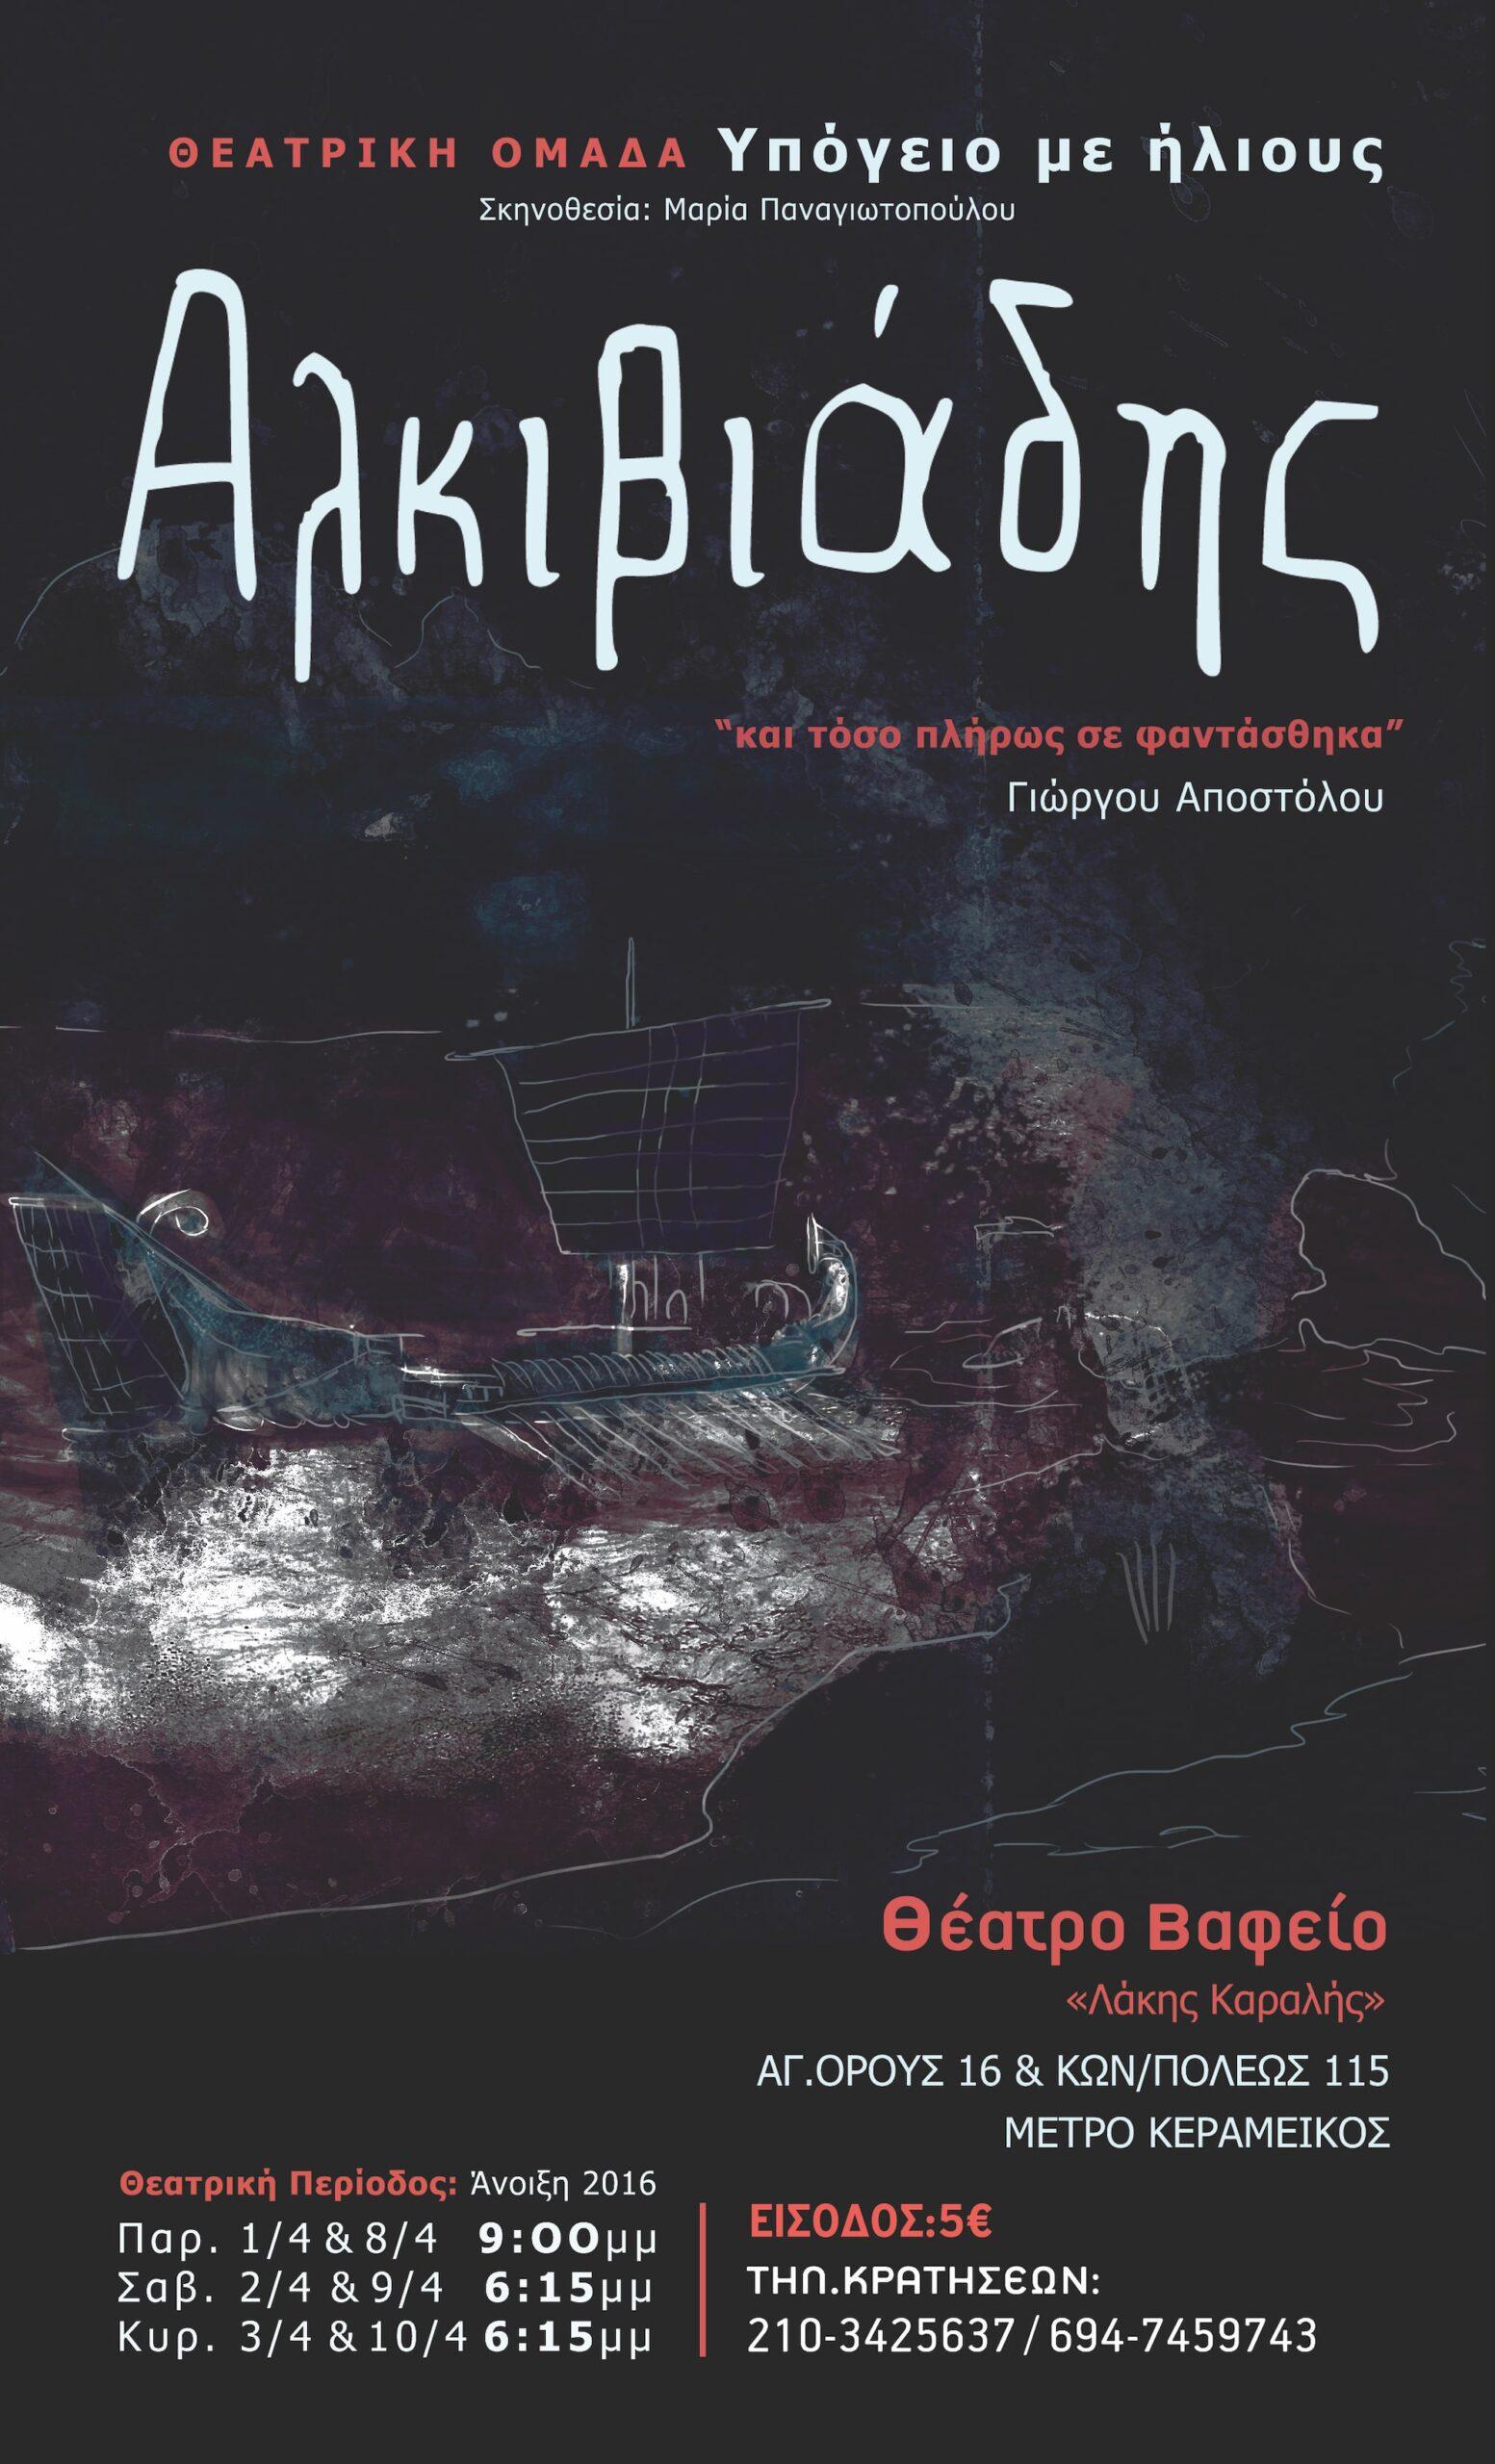 Αλκιβιάδης Αφίσα Θεατρικού